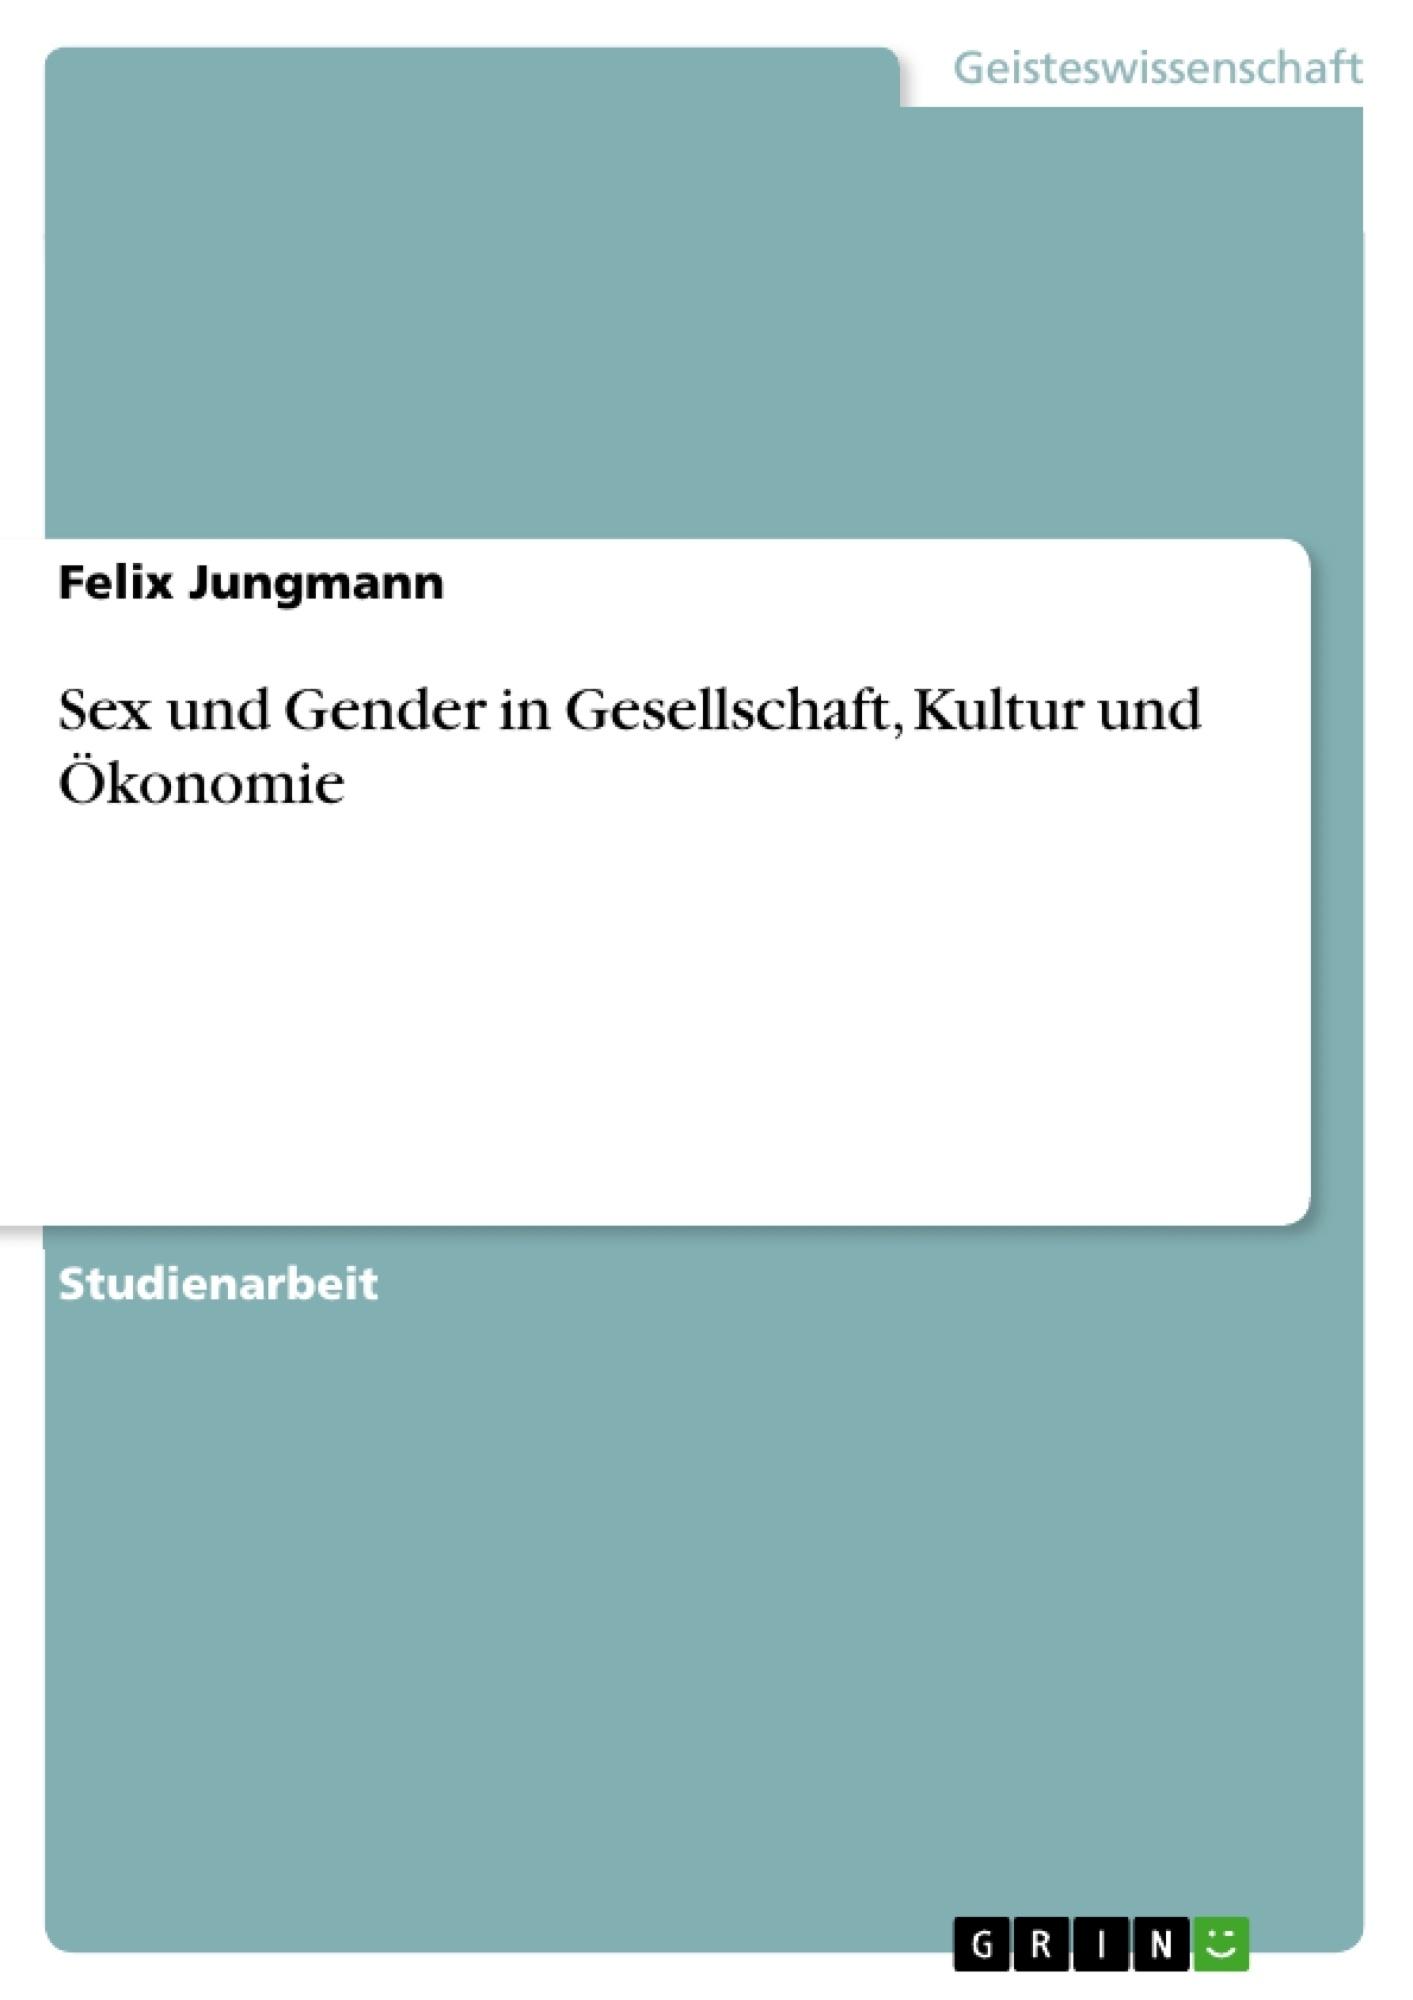 Titel: Sex und Gender in Gesellschaft, Kultur und Ökonomie